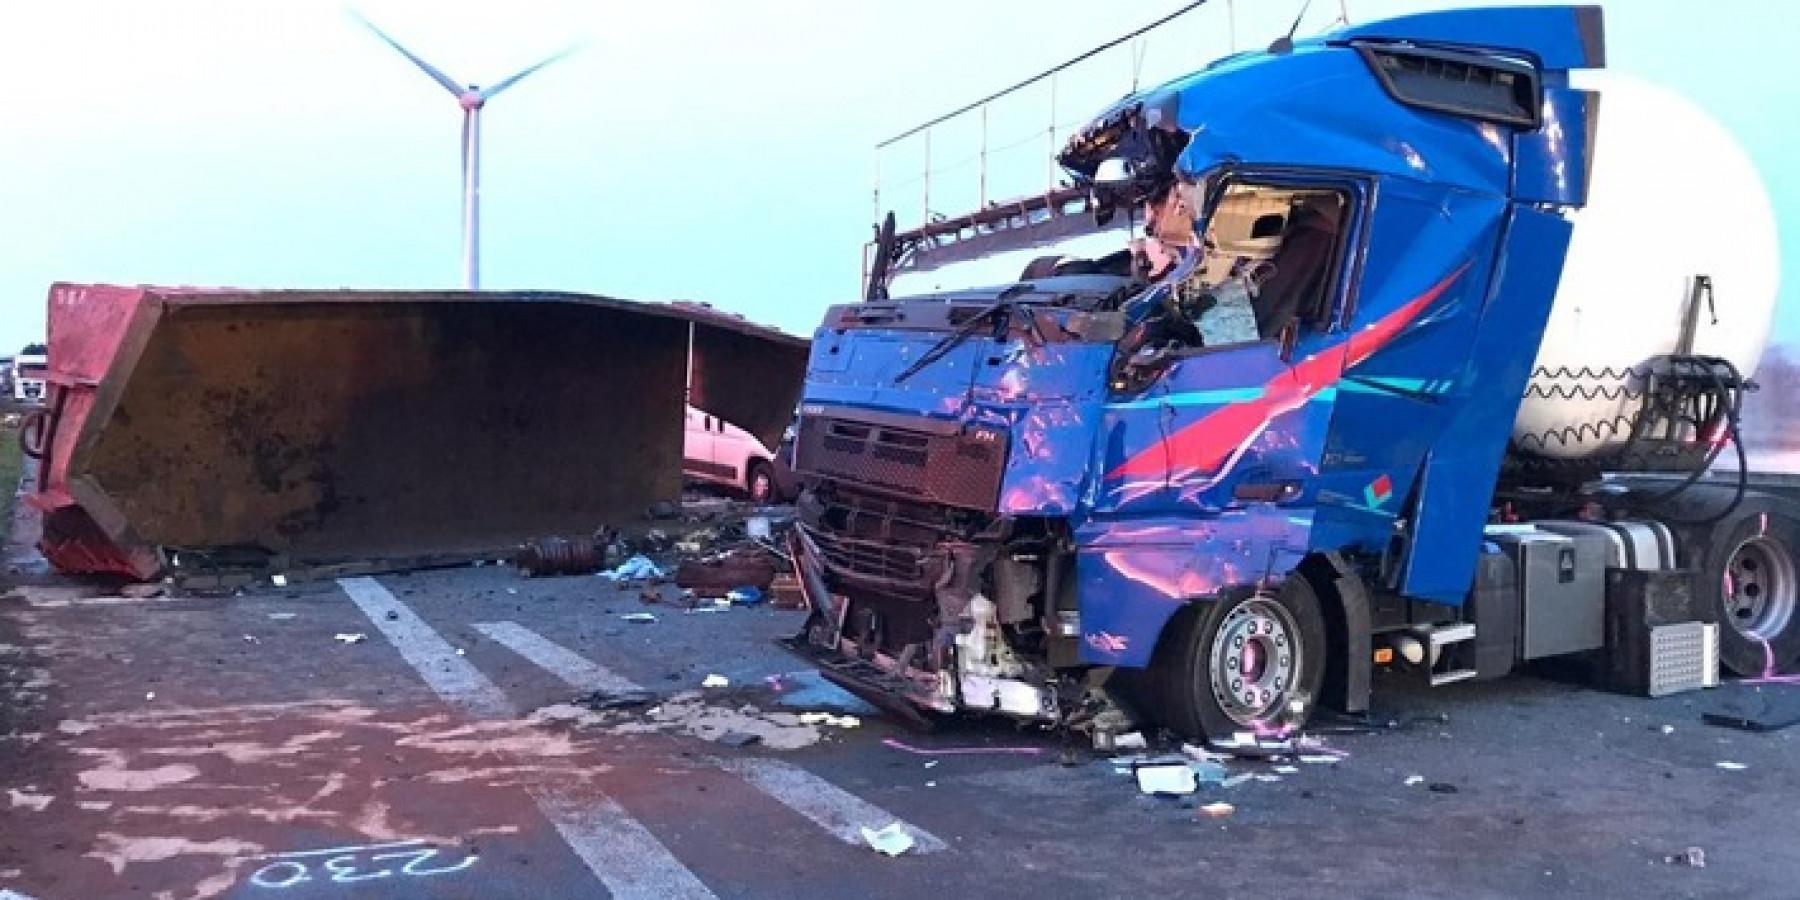 Container vom Lkw gefallen – 50-Jähriger verstirbt an Unfallstelle